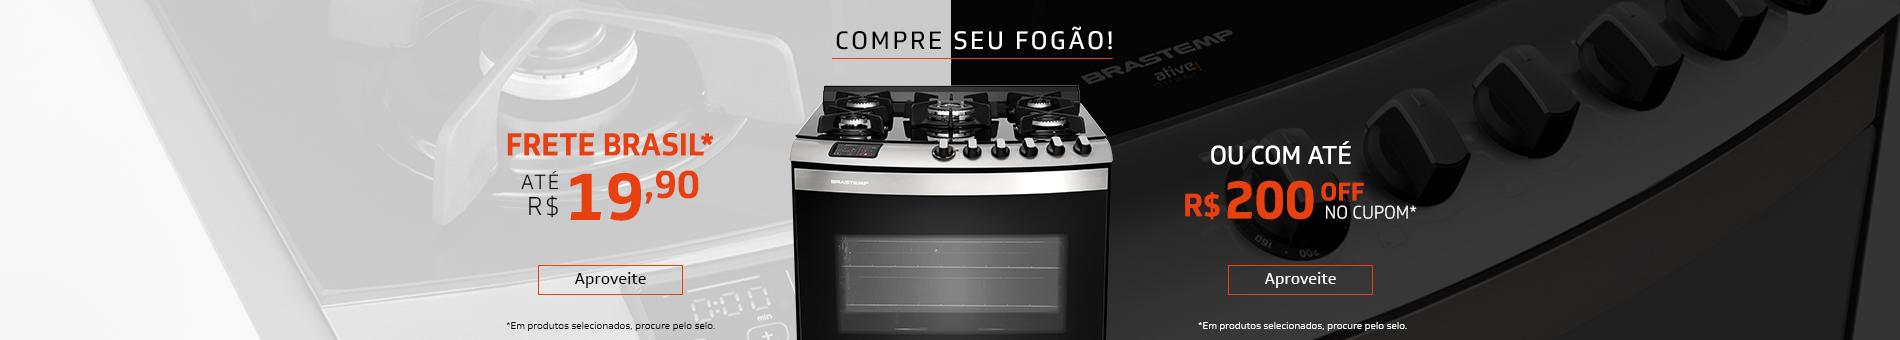 Promoção Interna - 2180 - camp-generica_fogão-frete-cupom-duplo_20022018_home2 - fogão-frete-cupom-duplo - 2